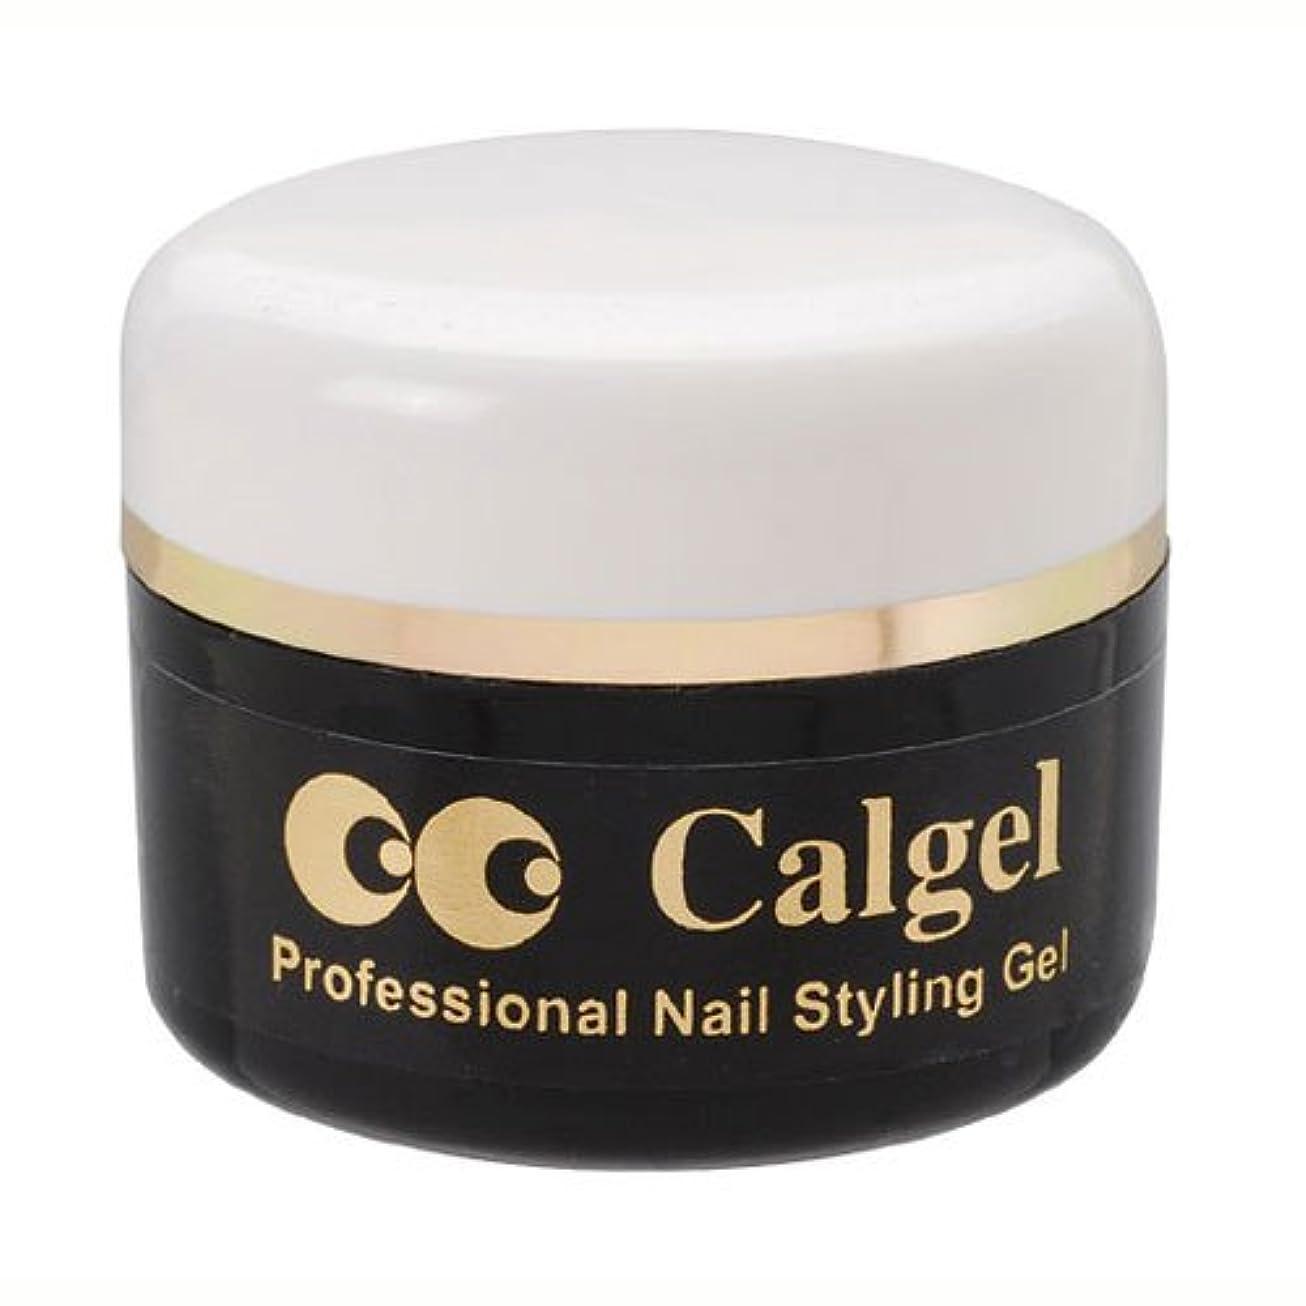 アシスト移動偉業Calgel クリアジェル 10g CG0 ベース/トップジェル